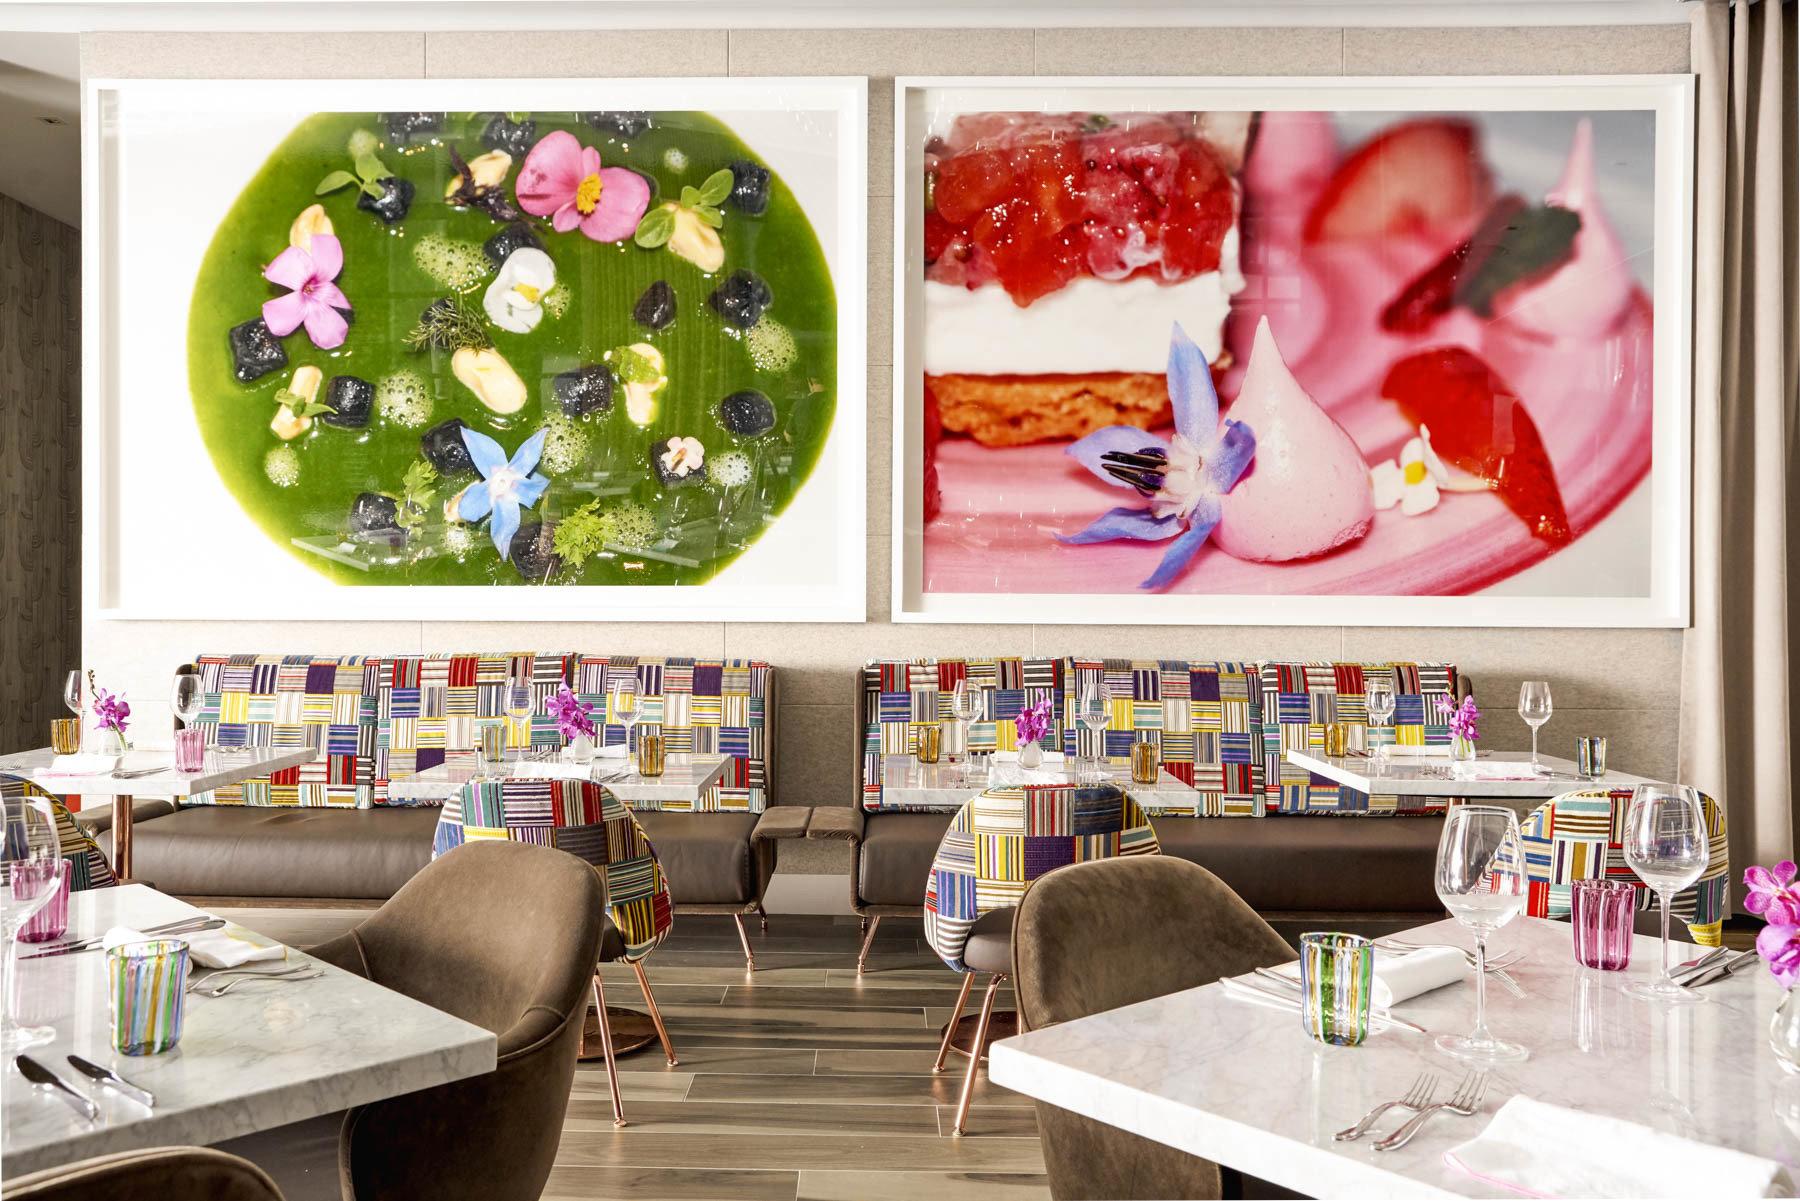 Jetsetter Guides color indoor room interior design meal living room